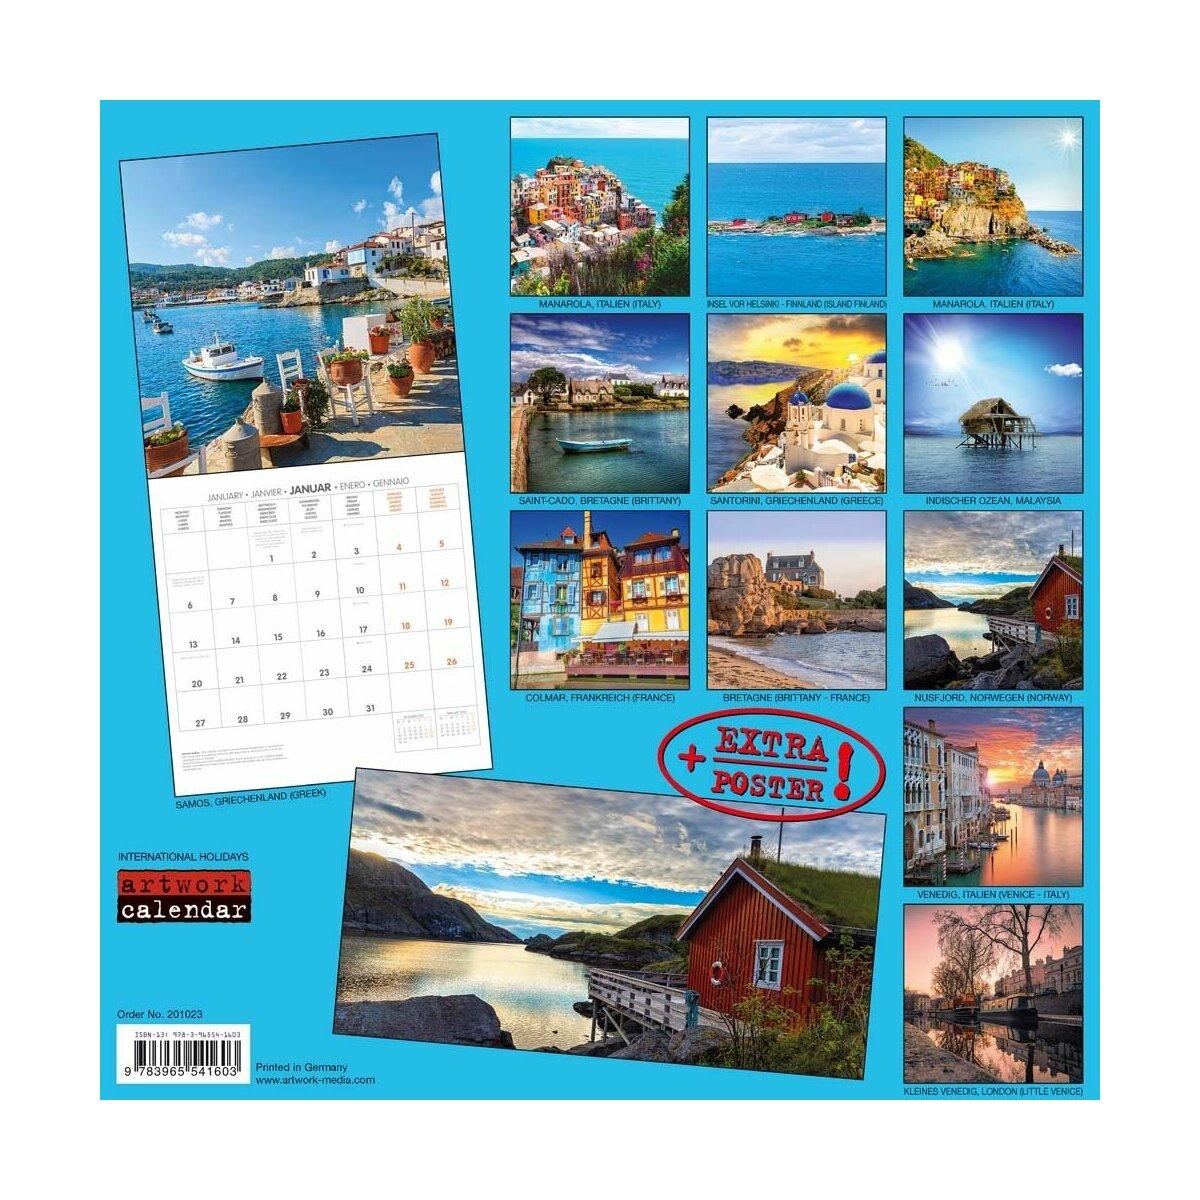 Calendrier 2020 Avec Photos.Calendrier 2020 Majorque Avec Poster Offert